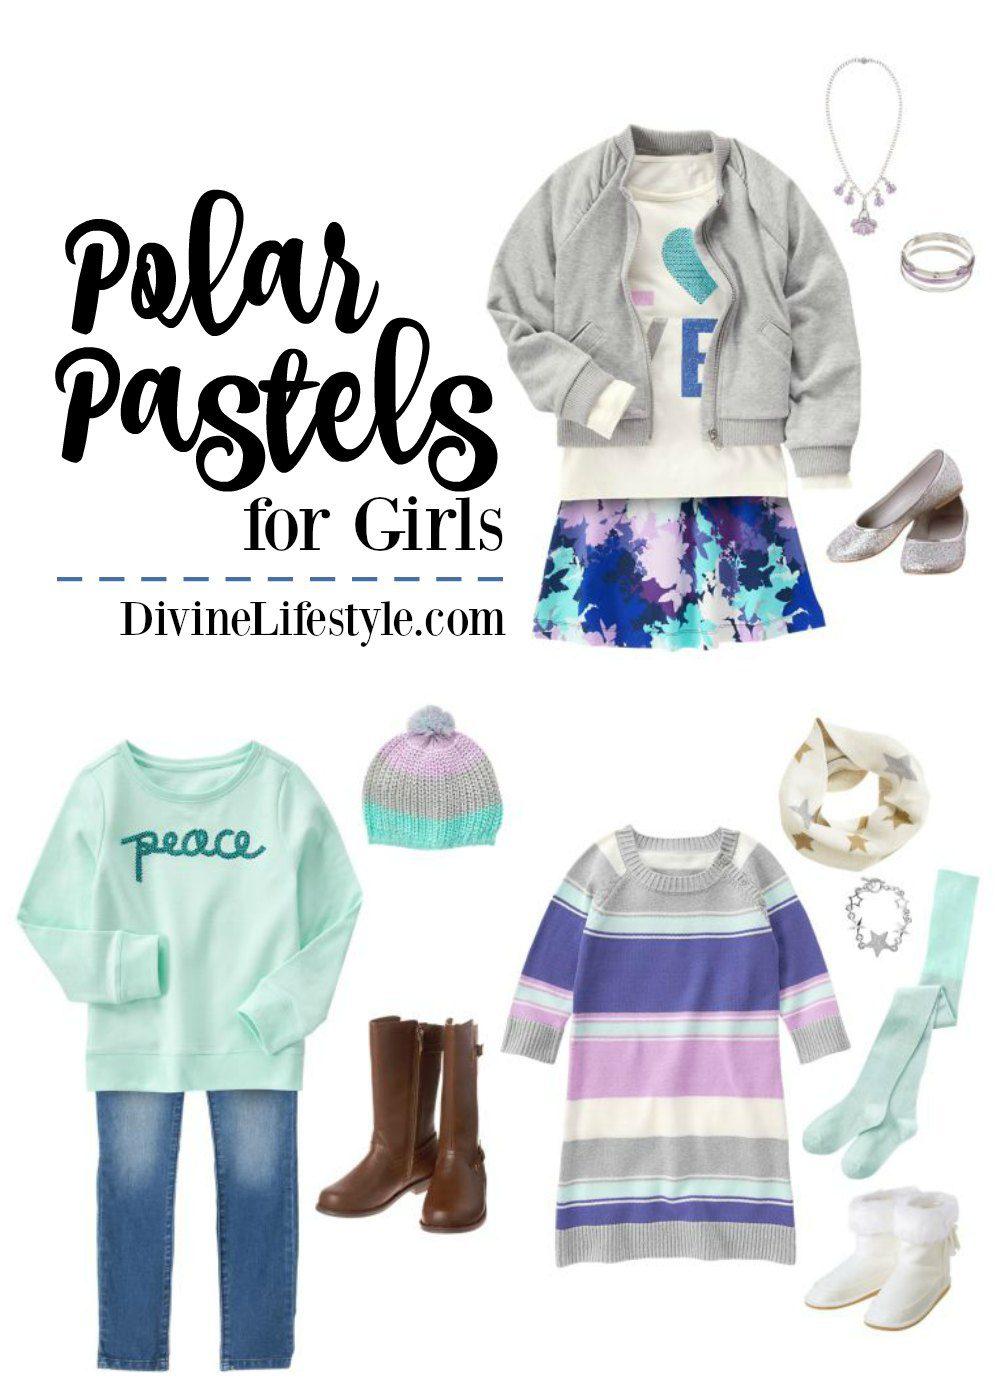 Polar Pastels for Girls